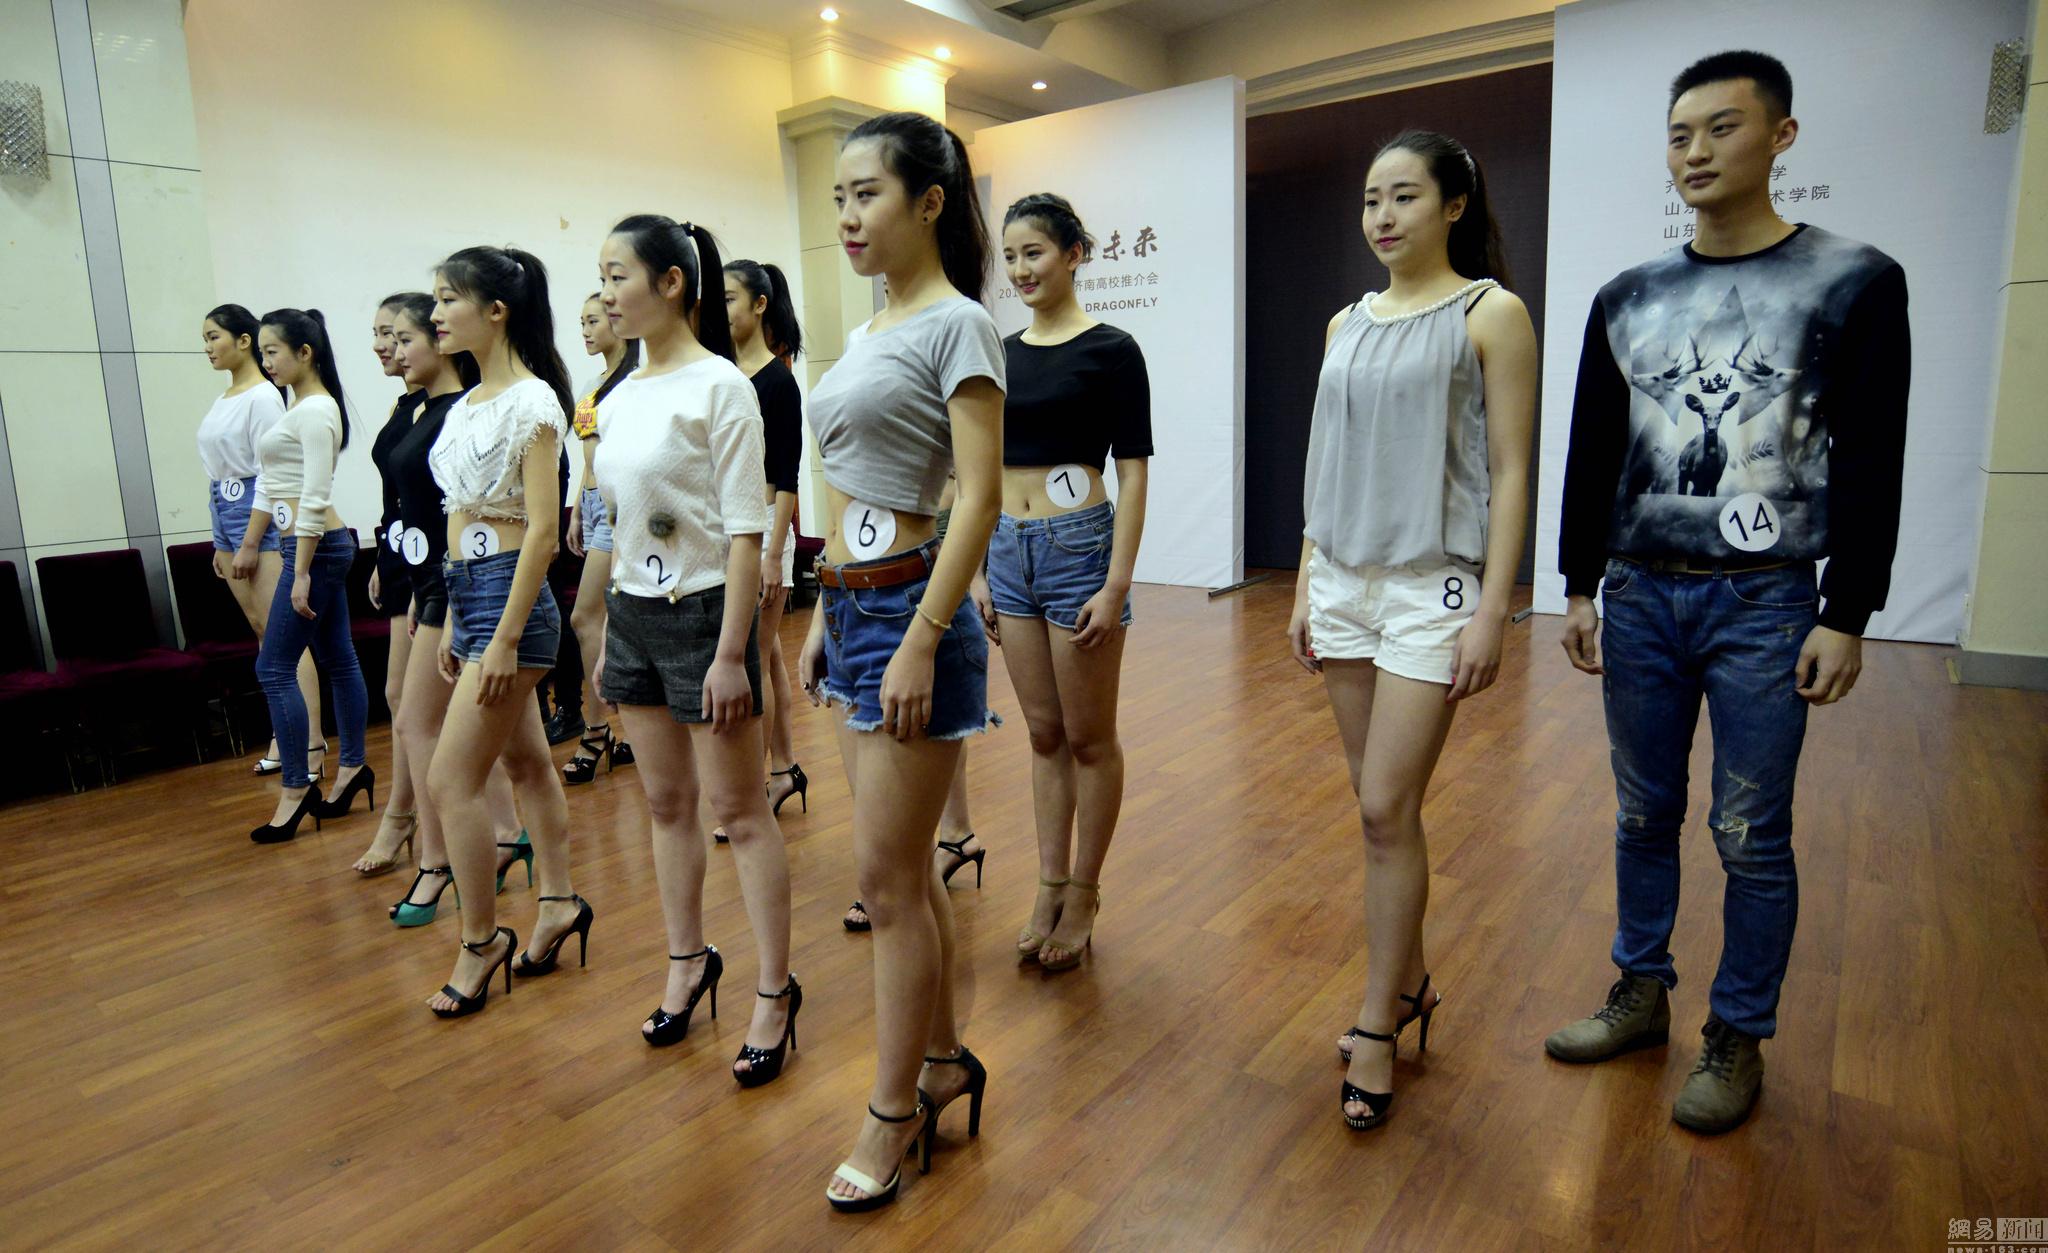 青山高三体育舞蹈生培训